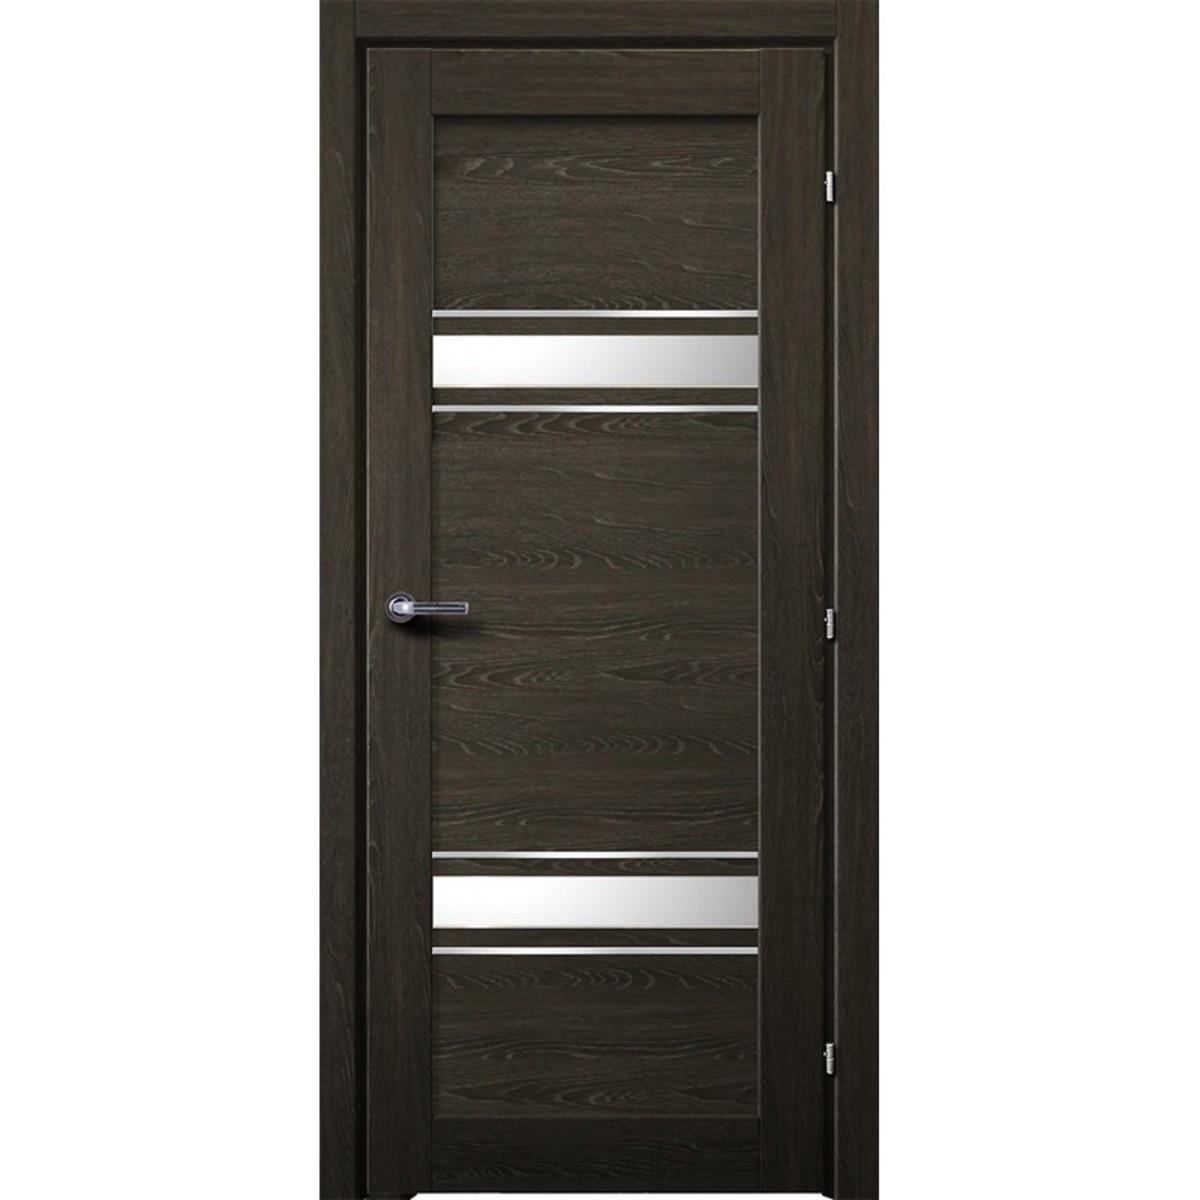 Дверь Межкомнатная Остеклённая Арден 90x200 Cpl Цвет Графит С Фурнитурой